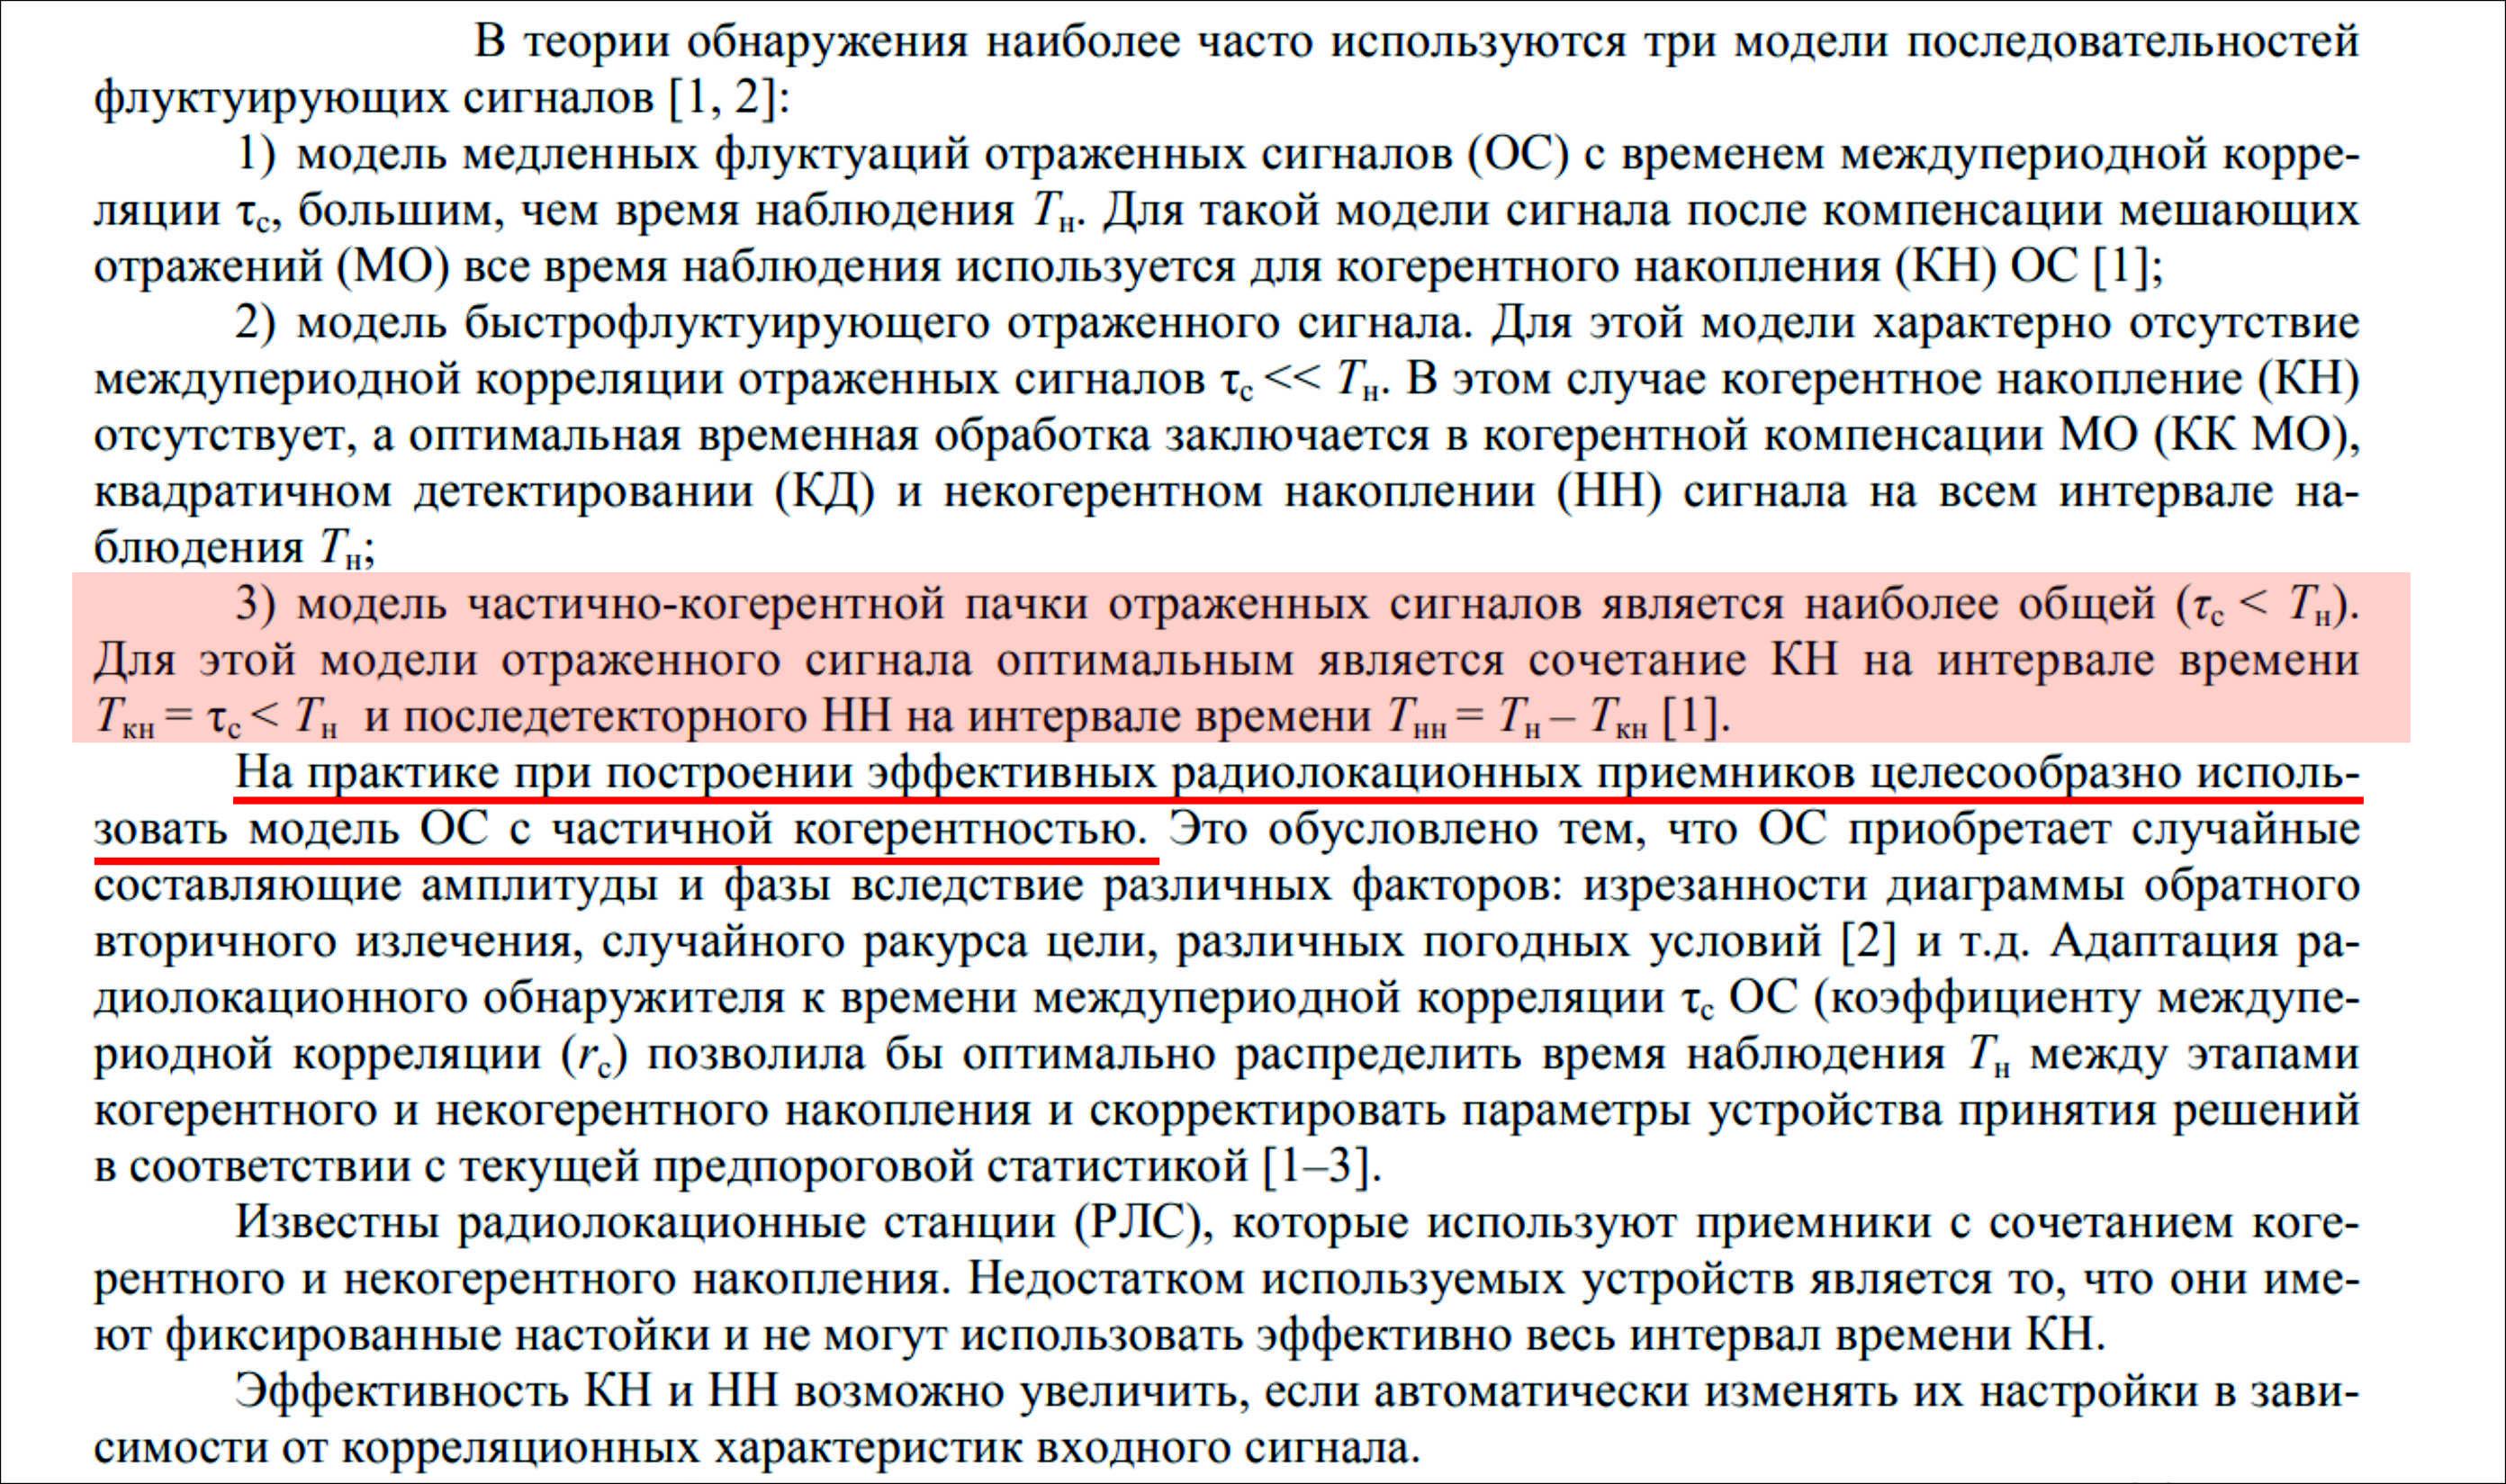 http://images.vfl.ru/ii/1614520182/ad6b1b05/33505118.jpg